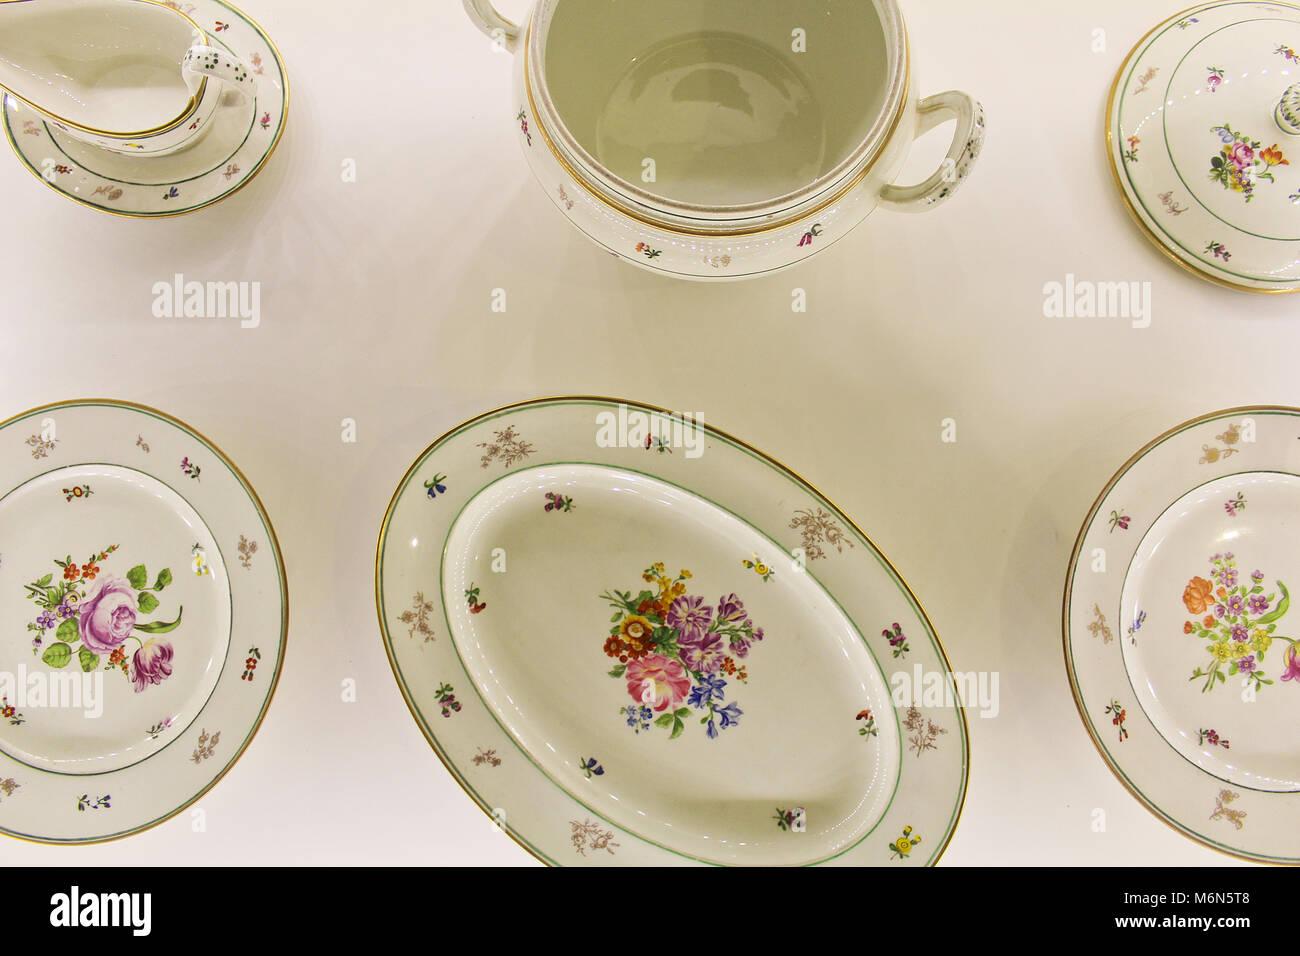 Vieux blanc porcelaine autrichienne de l'année 1829 Banque D'Images